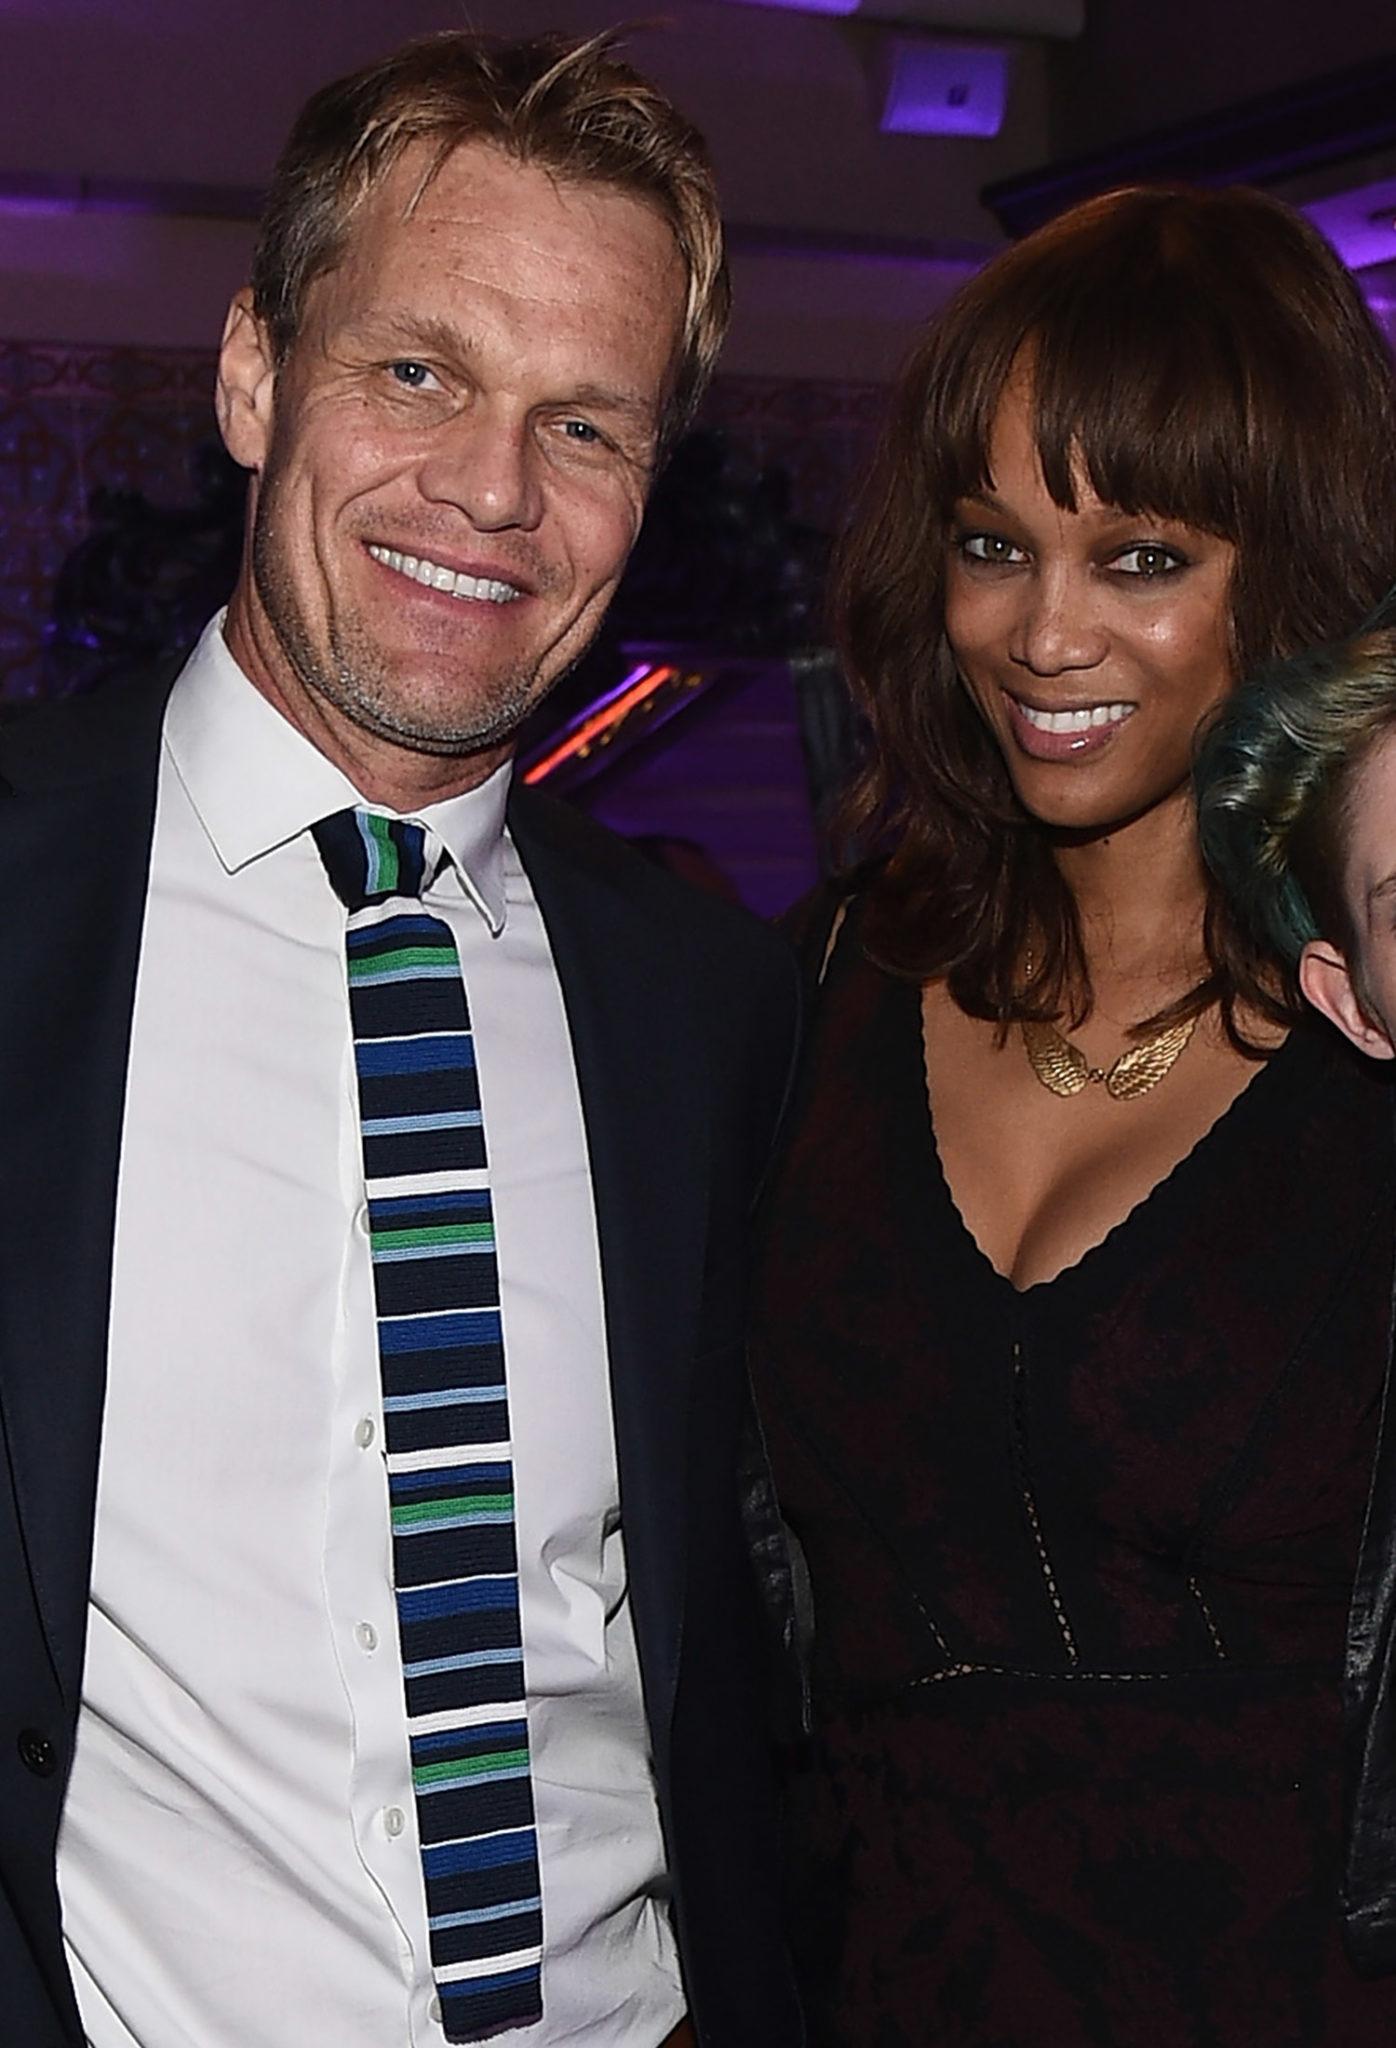 Erik Asla and Tyra Banks